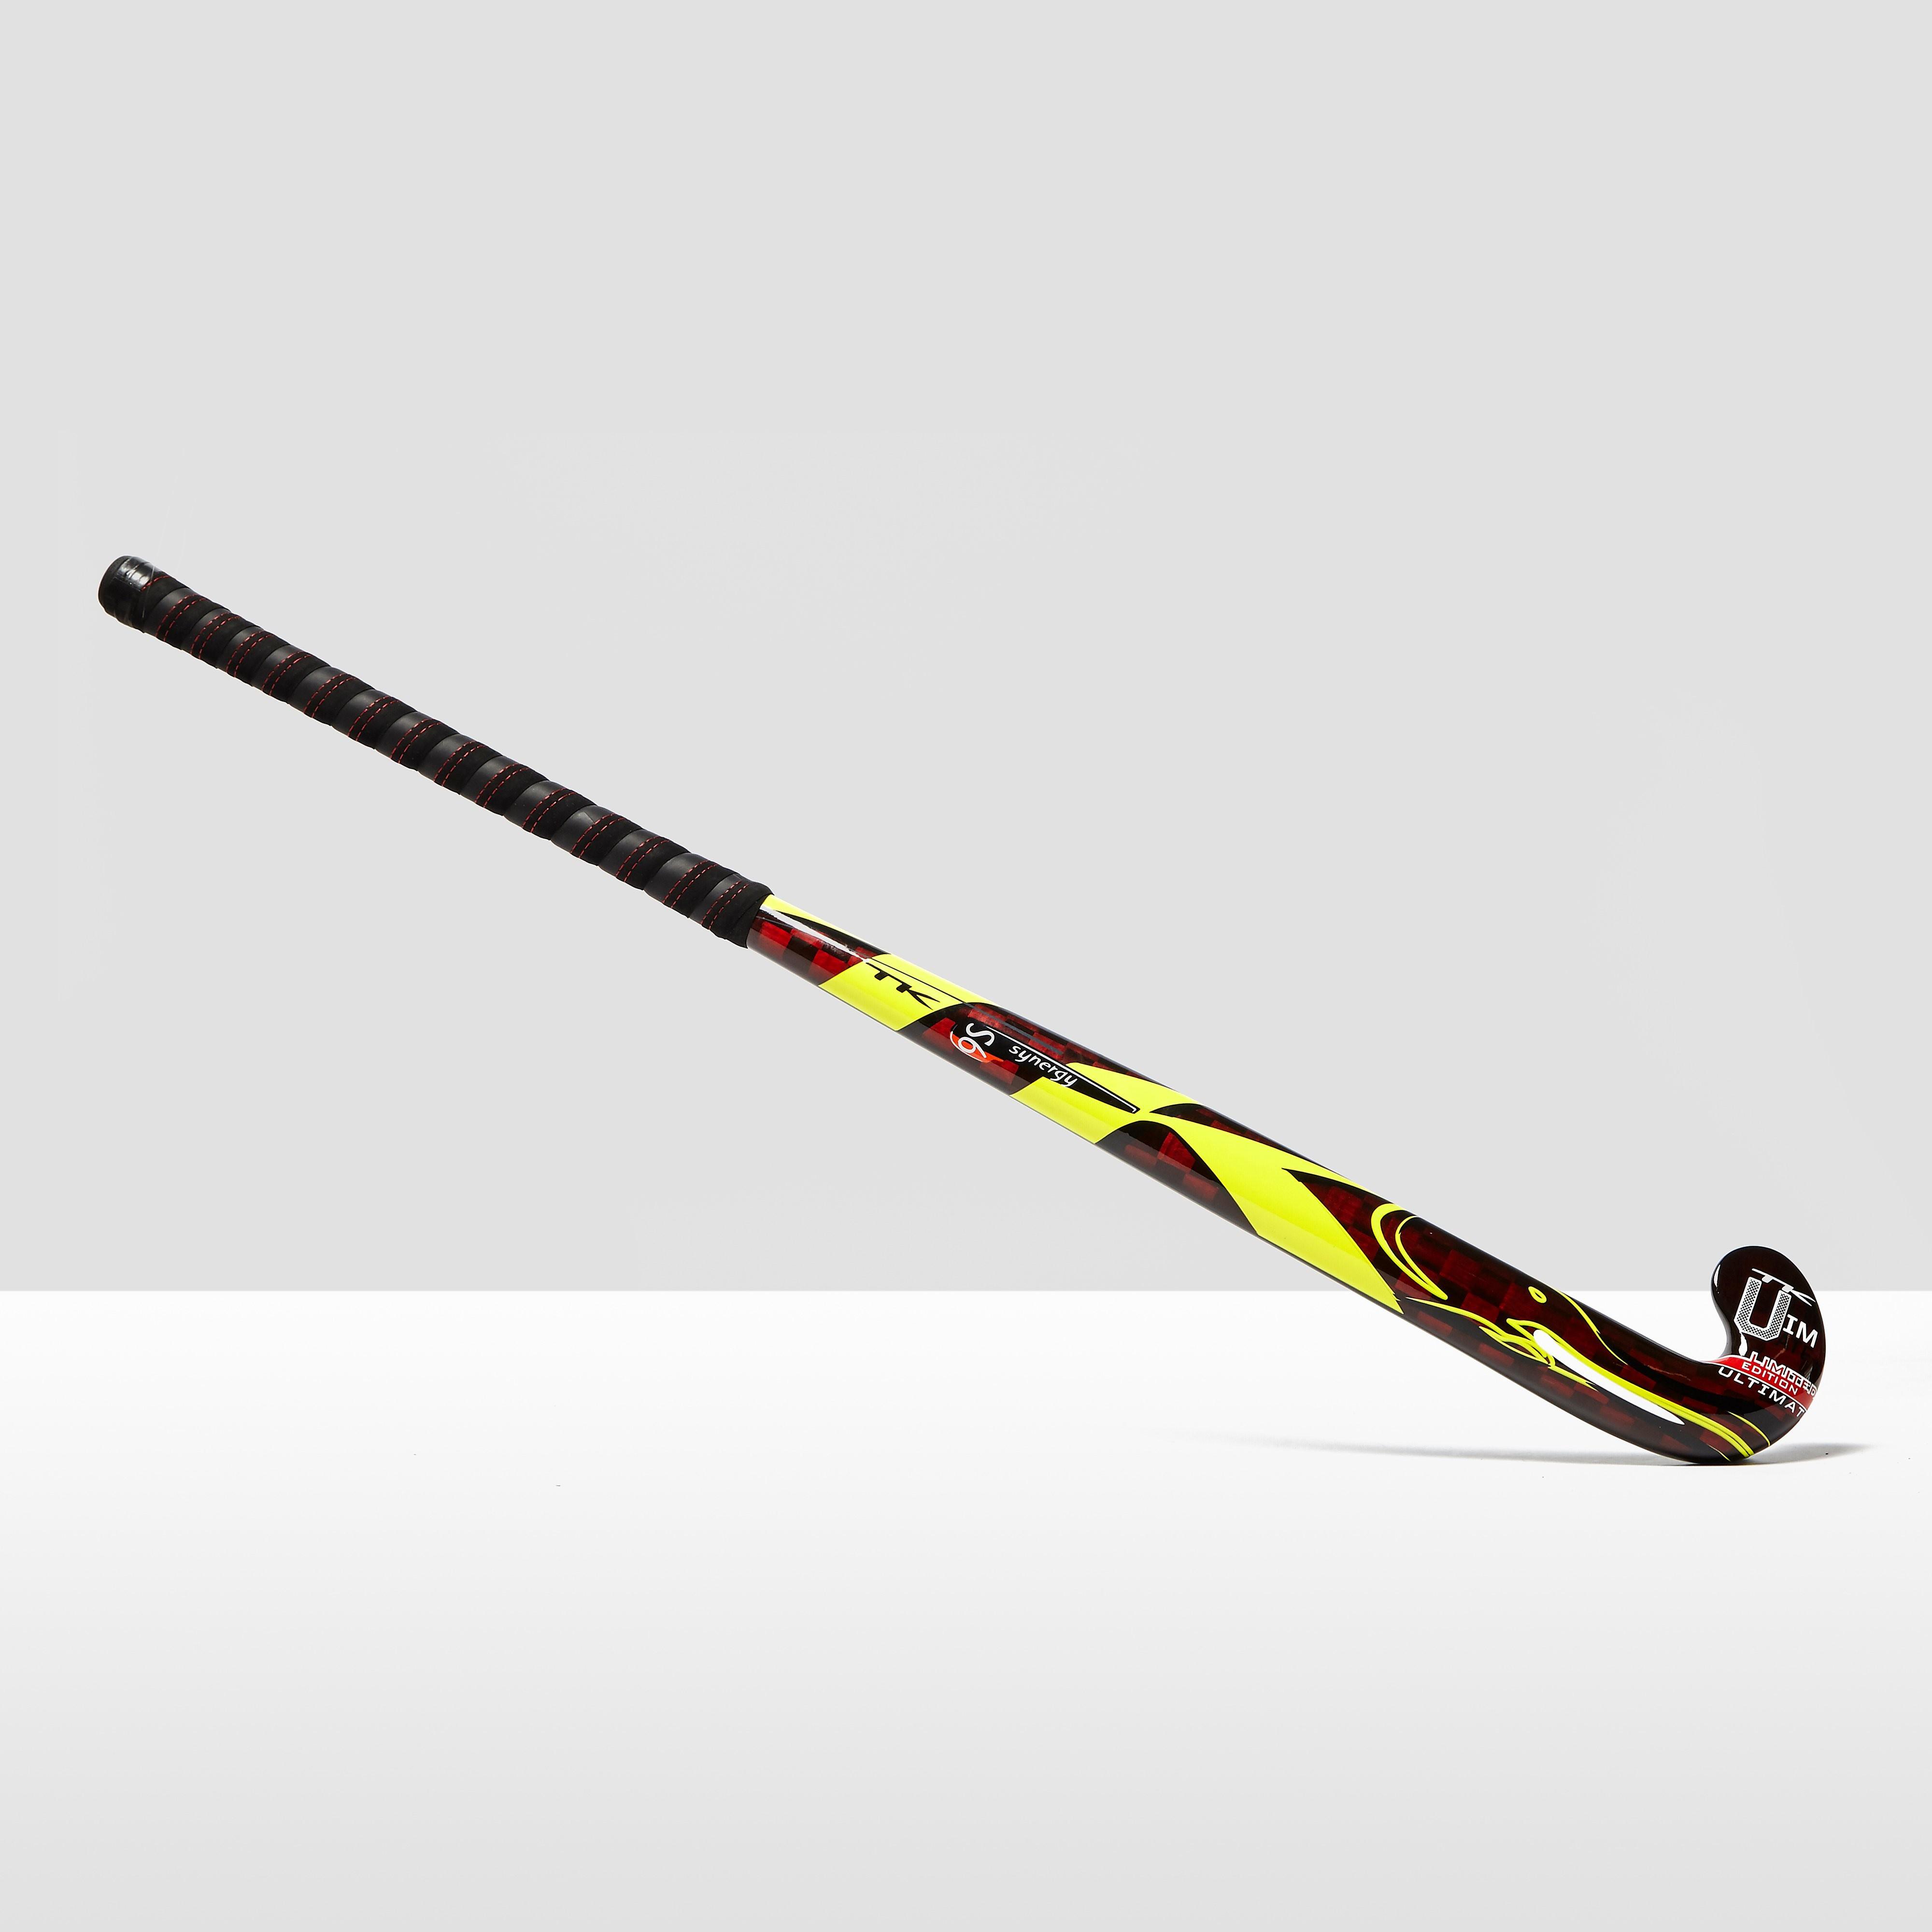 TK Hockey Synergy S6 Hockey Stick